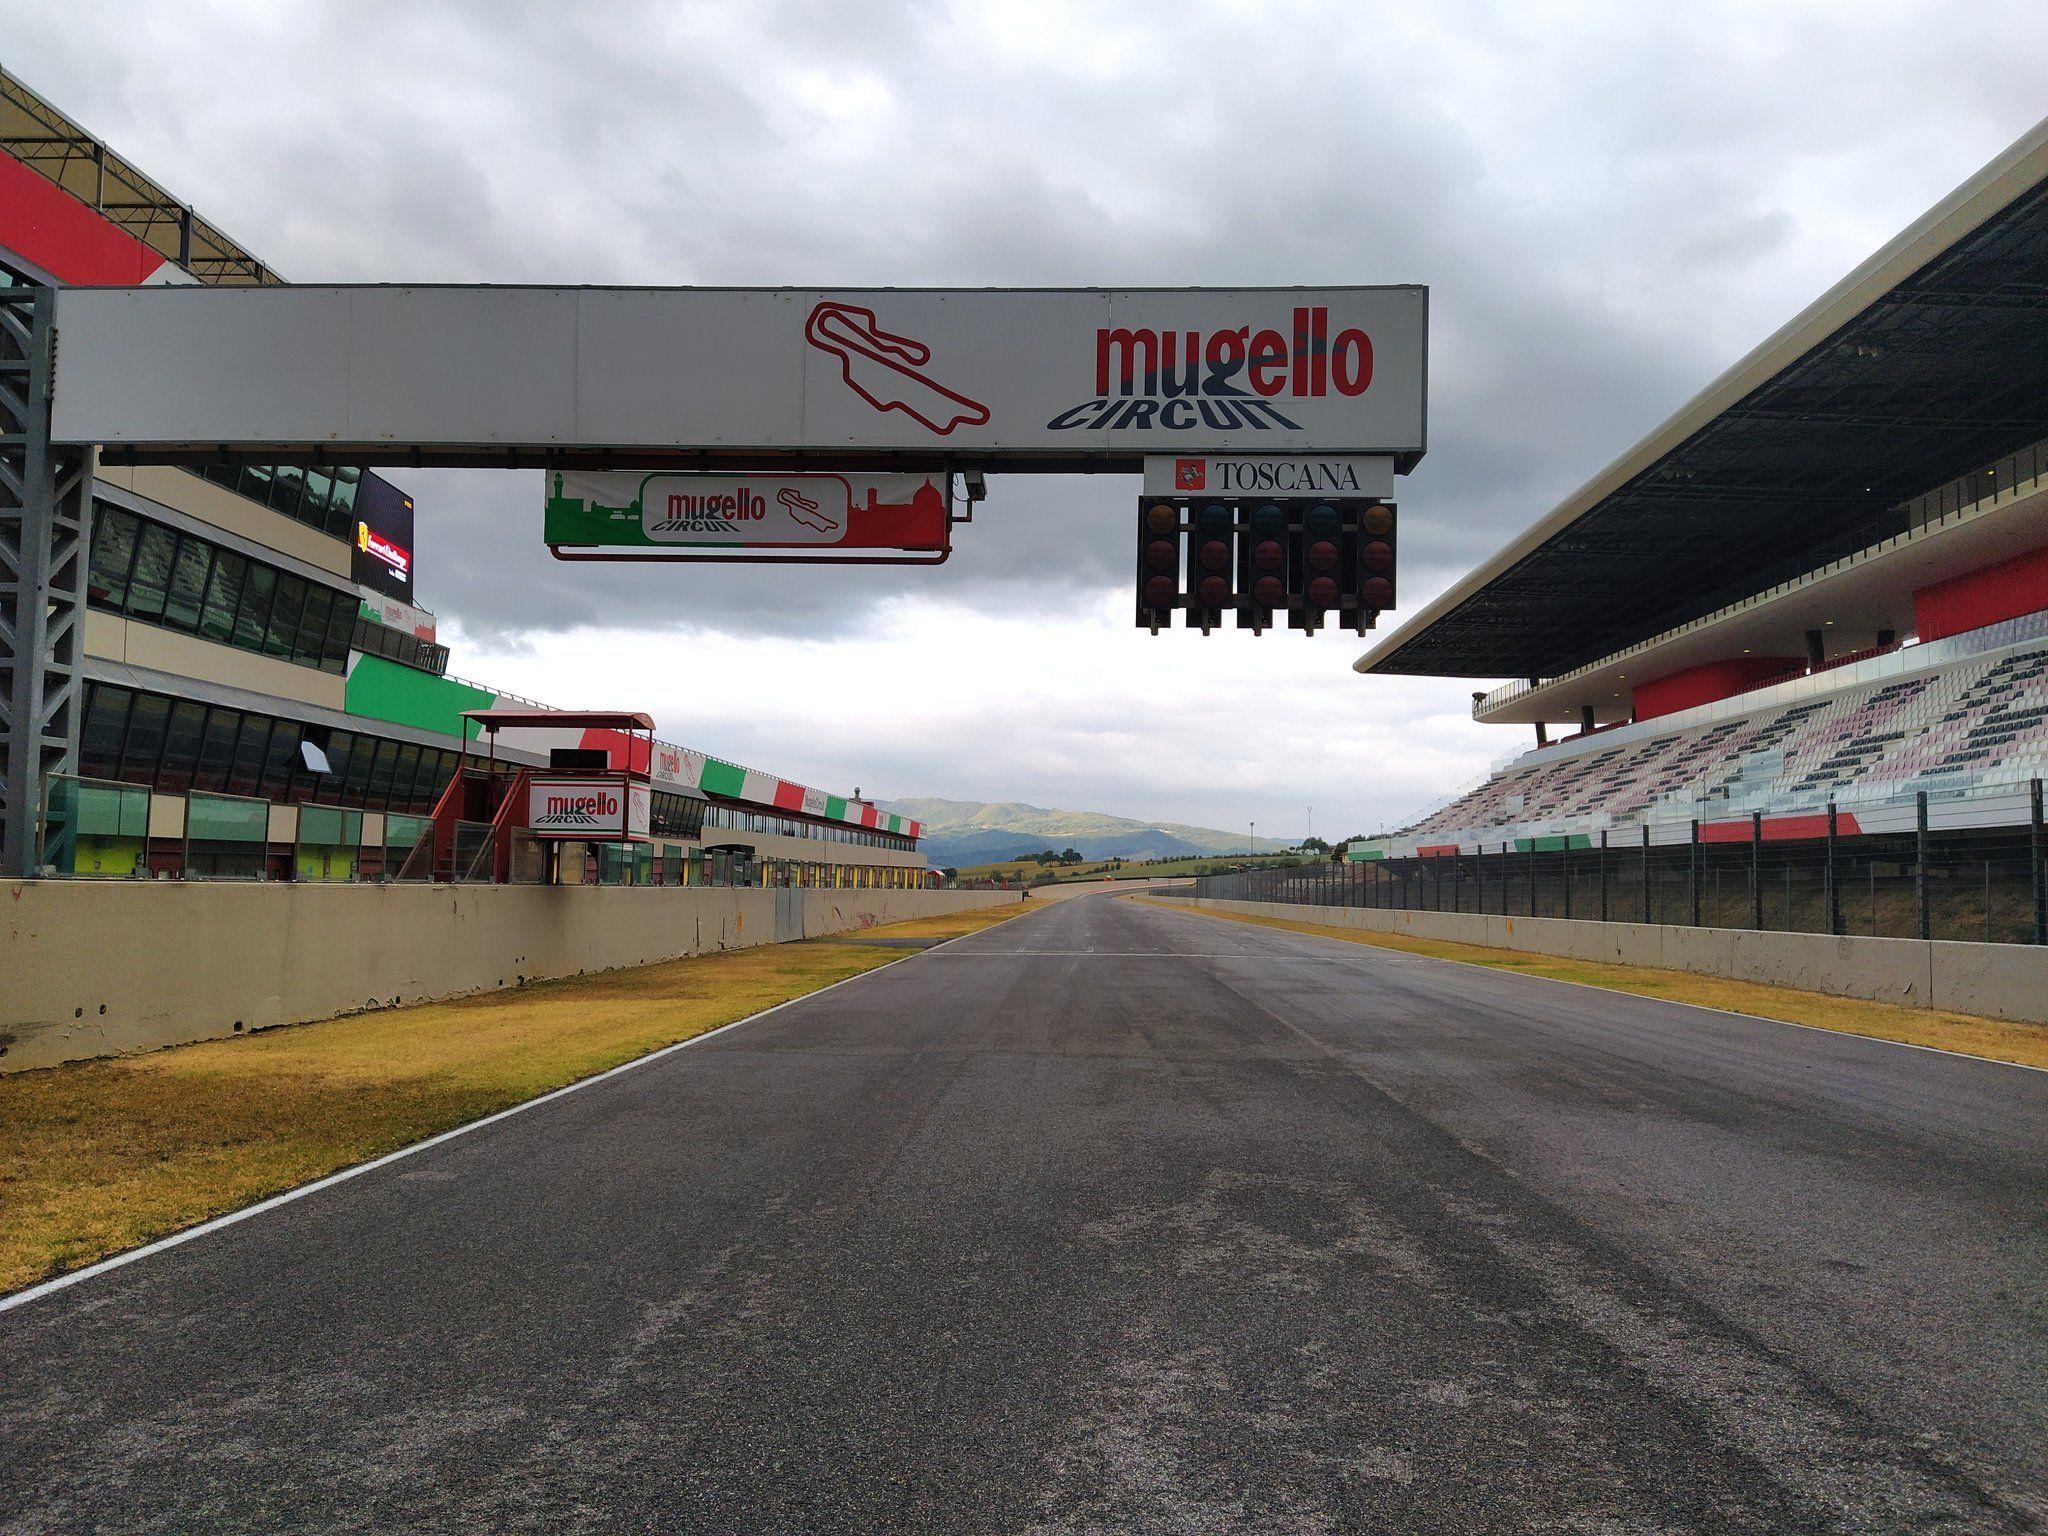 Mugello, Ferrari, F1